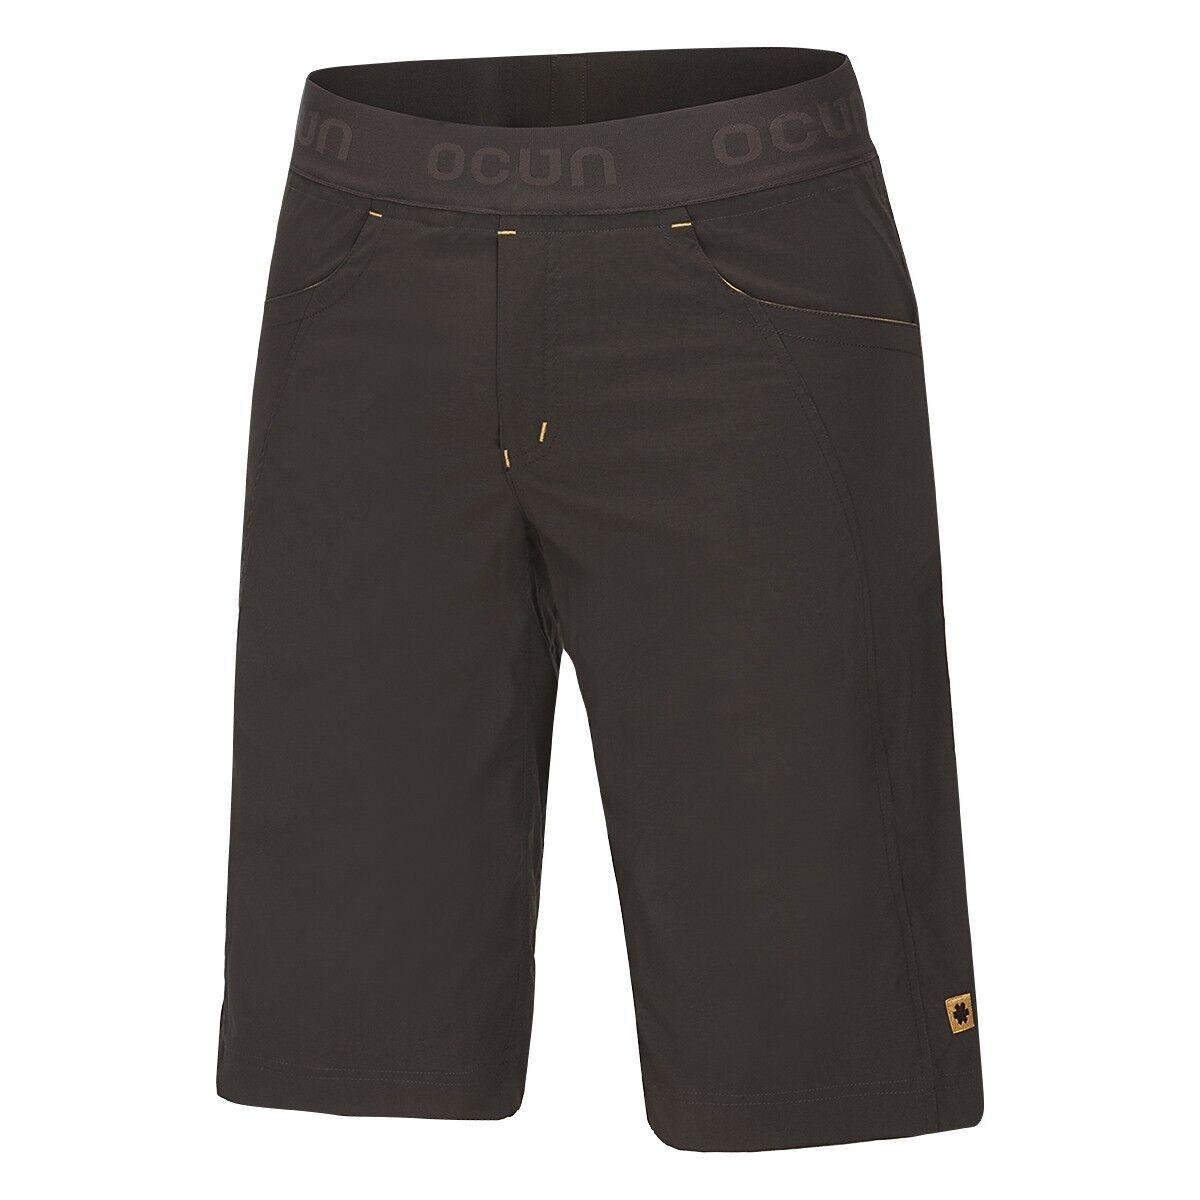 Ocun Mania Shorts Men Pantalón Corto de Escalada para Hombre Marrón - Amarillo